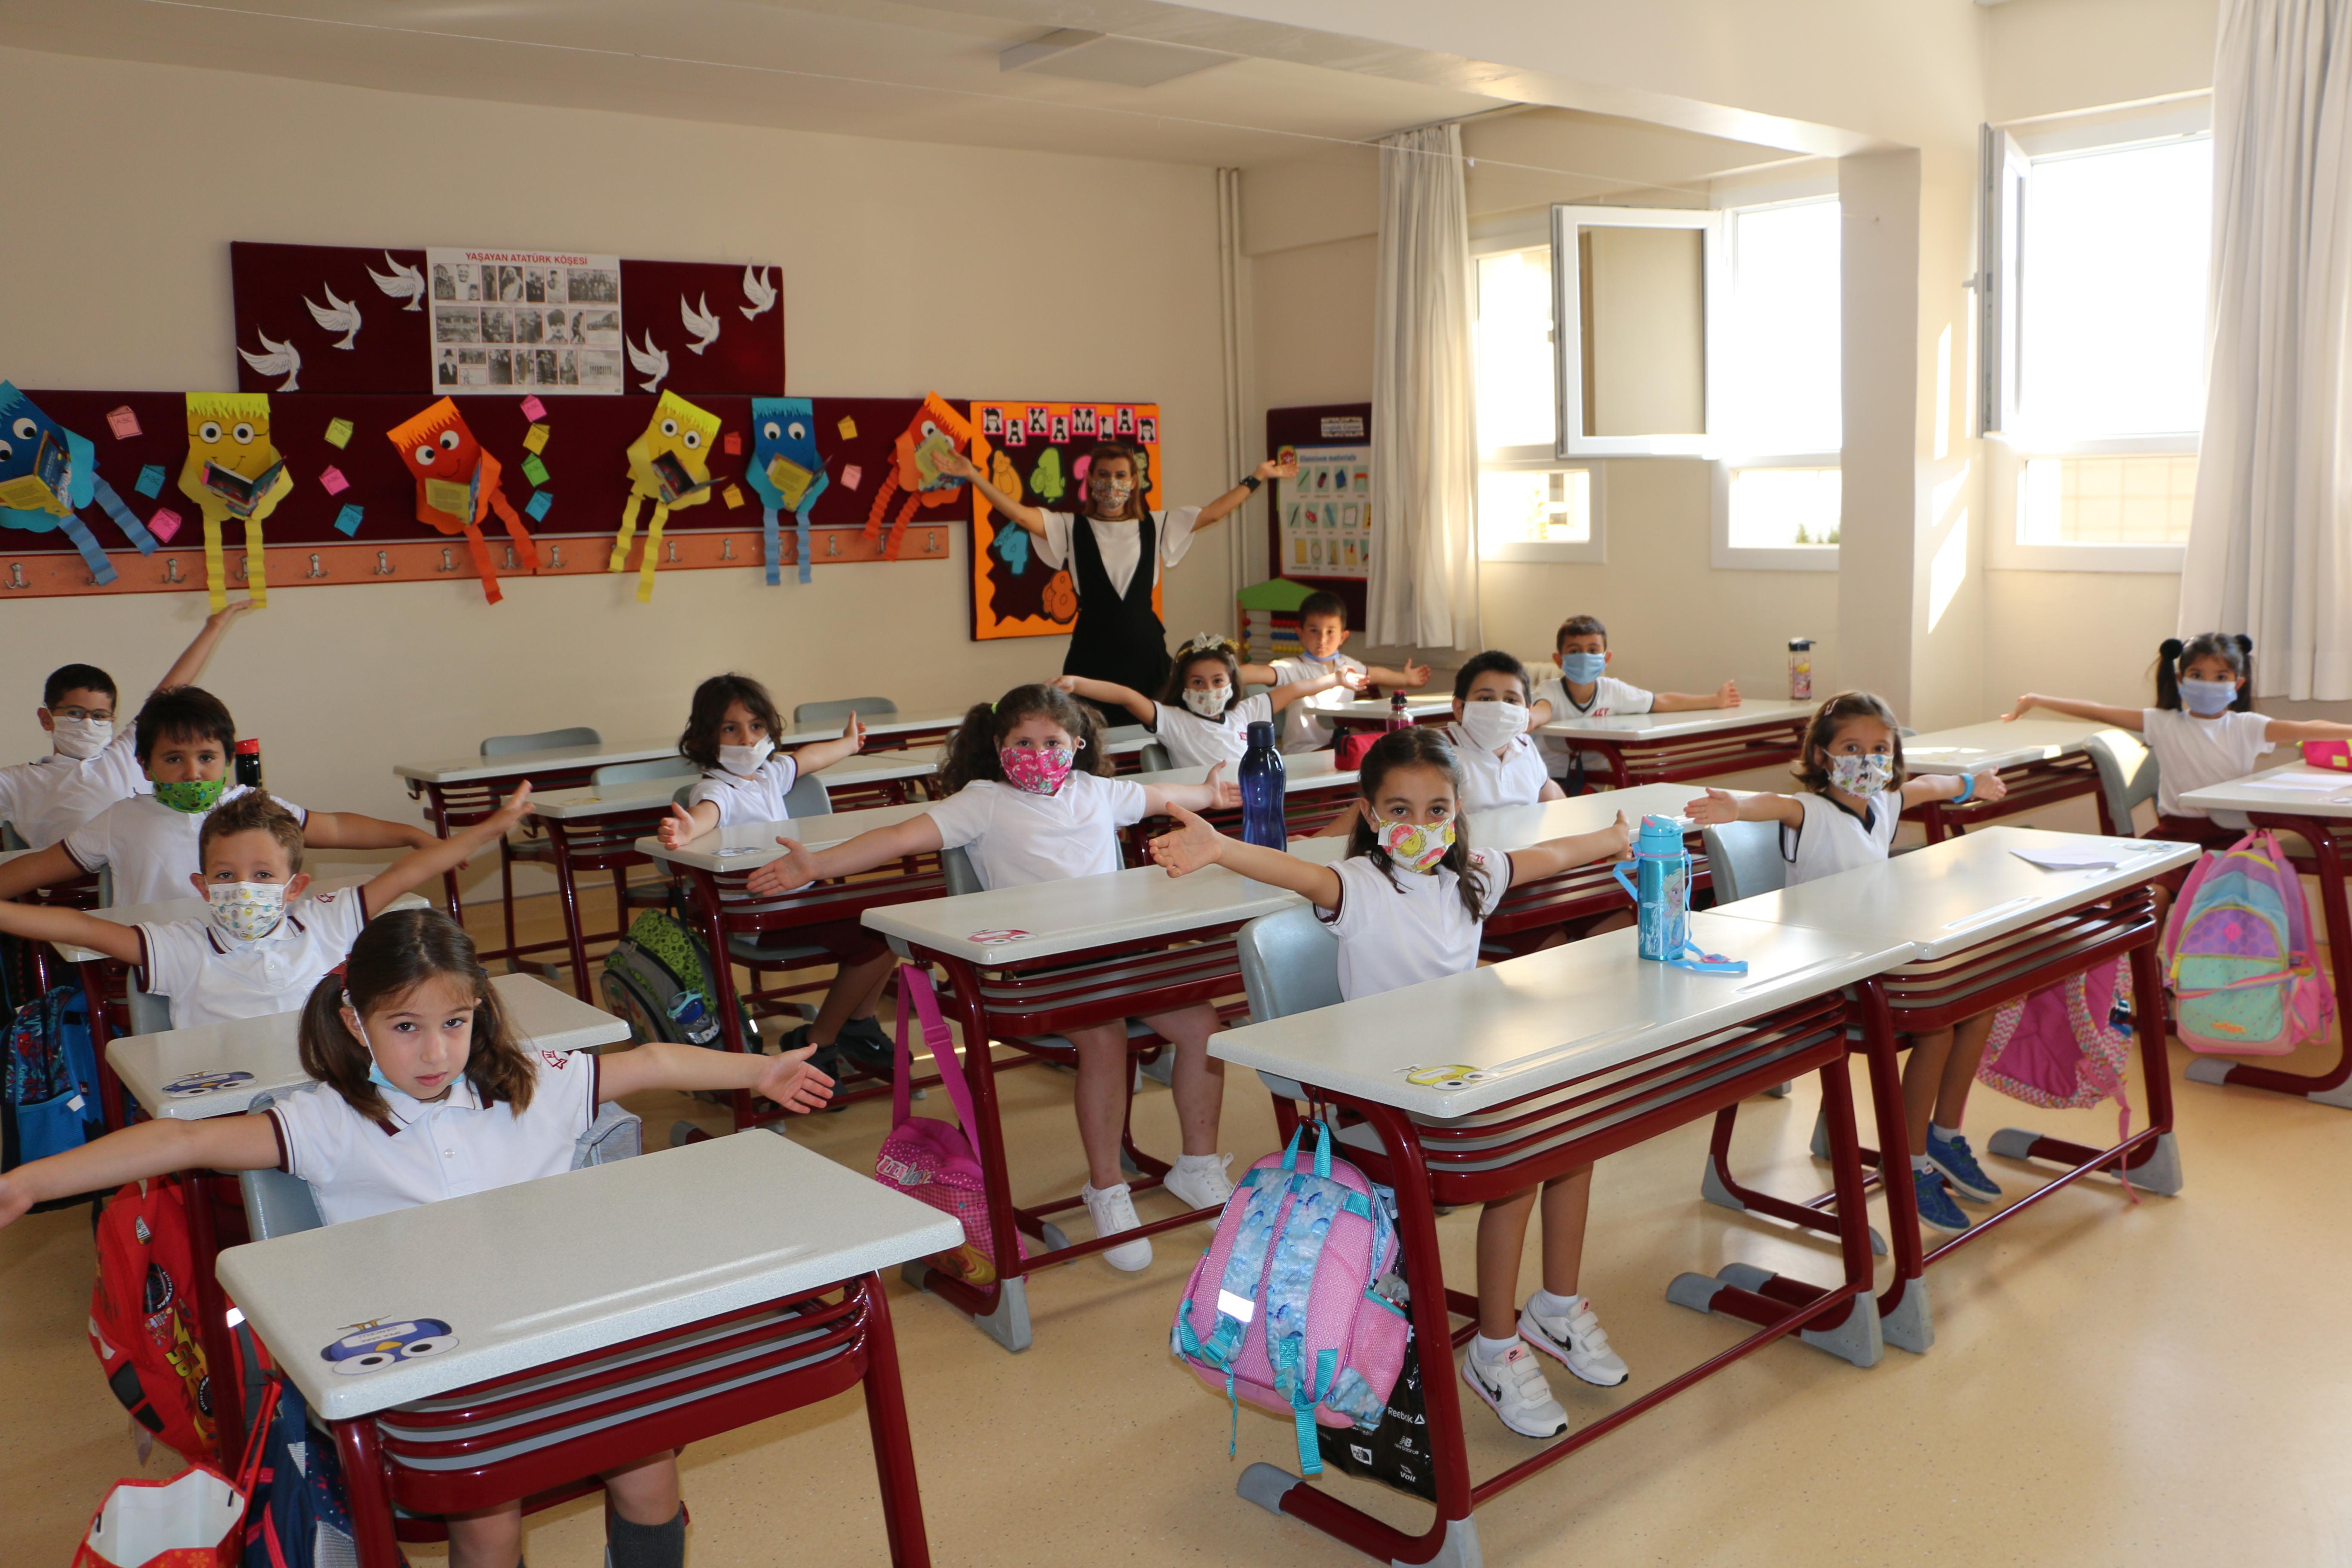 Yüz Yüze Eğitimde İlk Gün Heyecan Doruktaydı